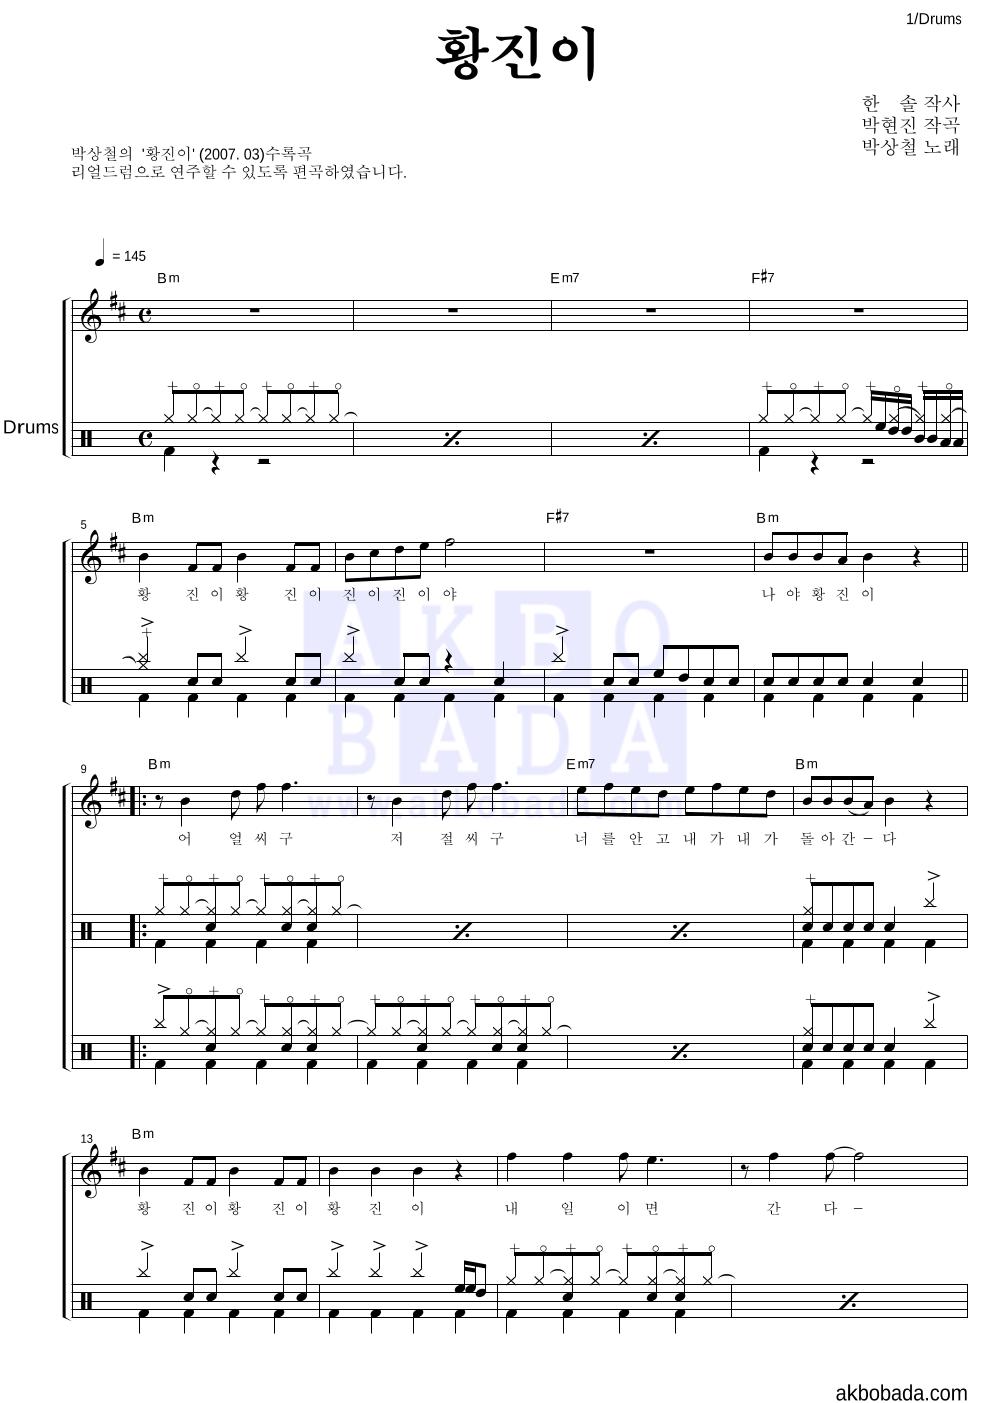 박상철 - 황진이 드럼 악보